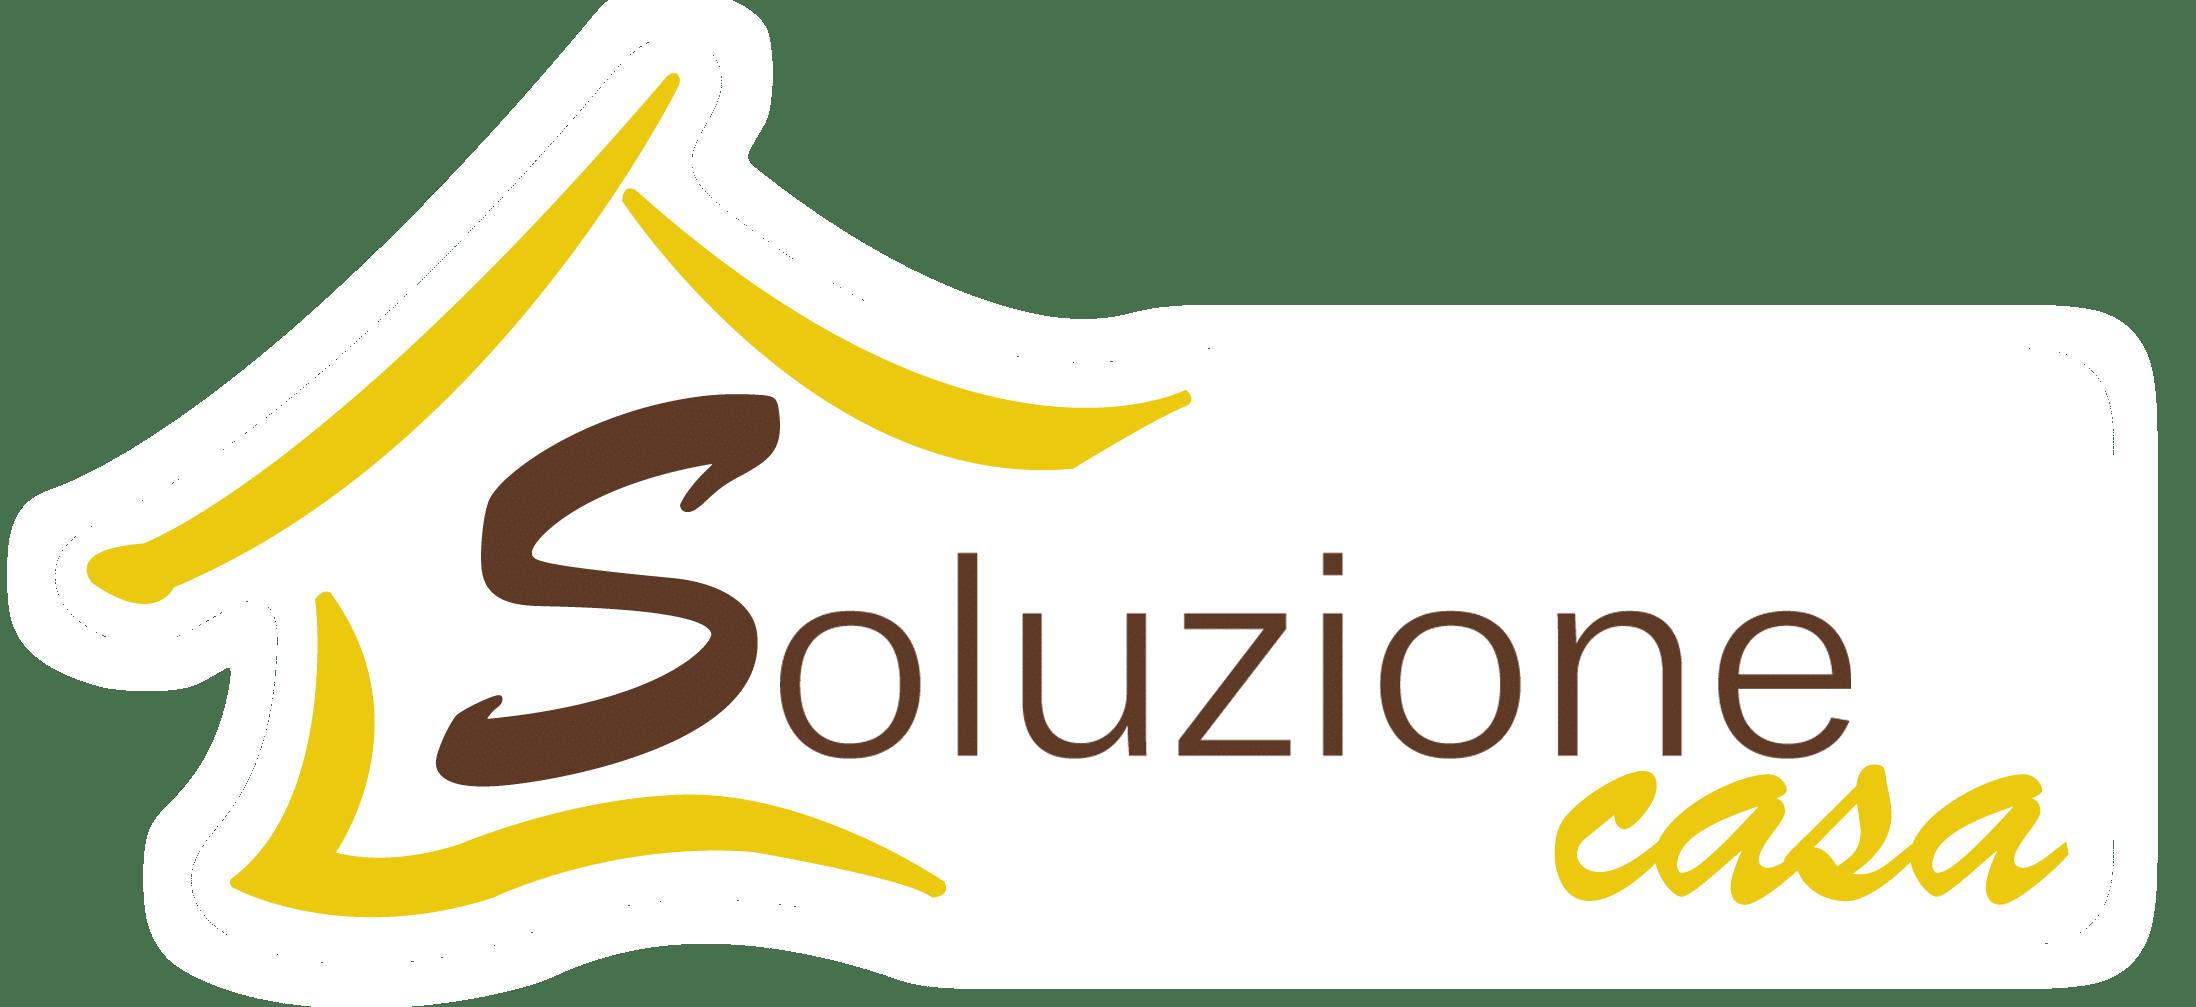 Soluzione Casa Casale